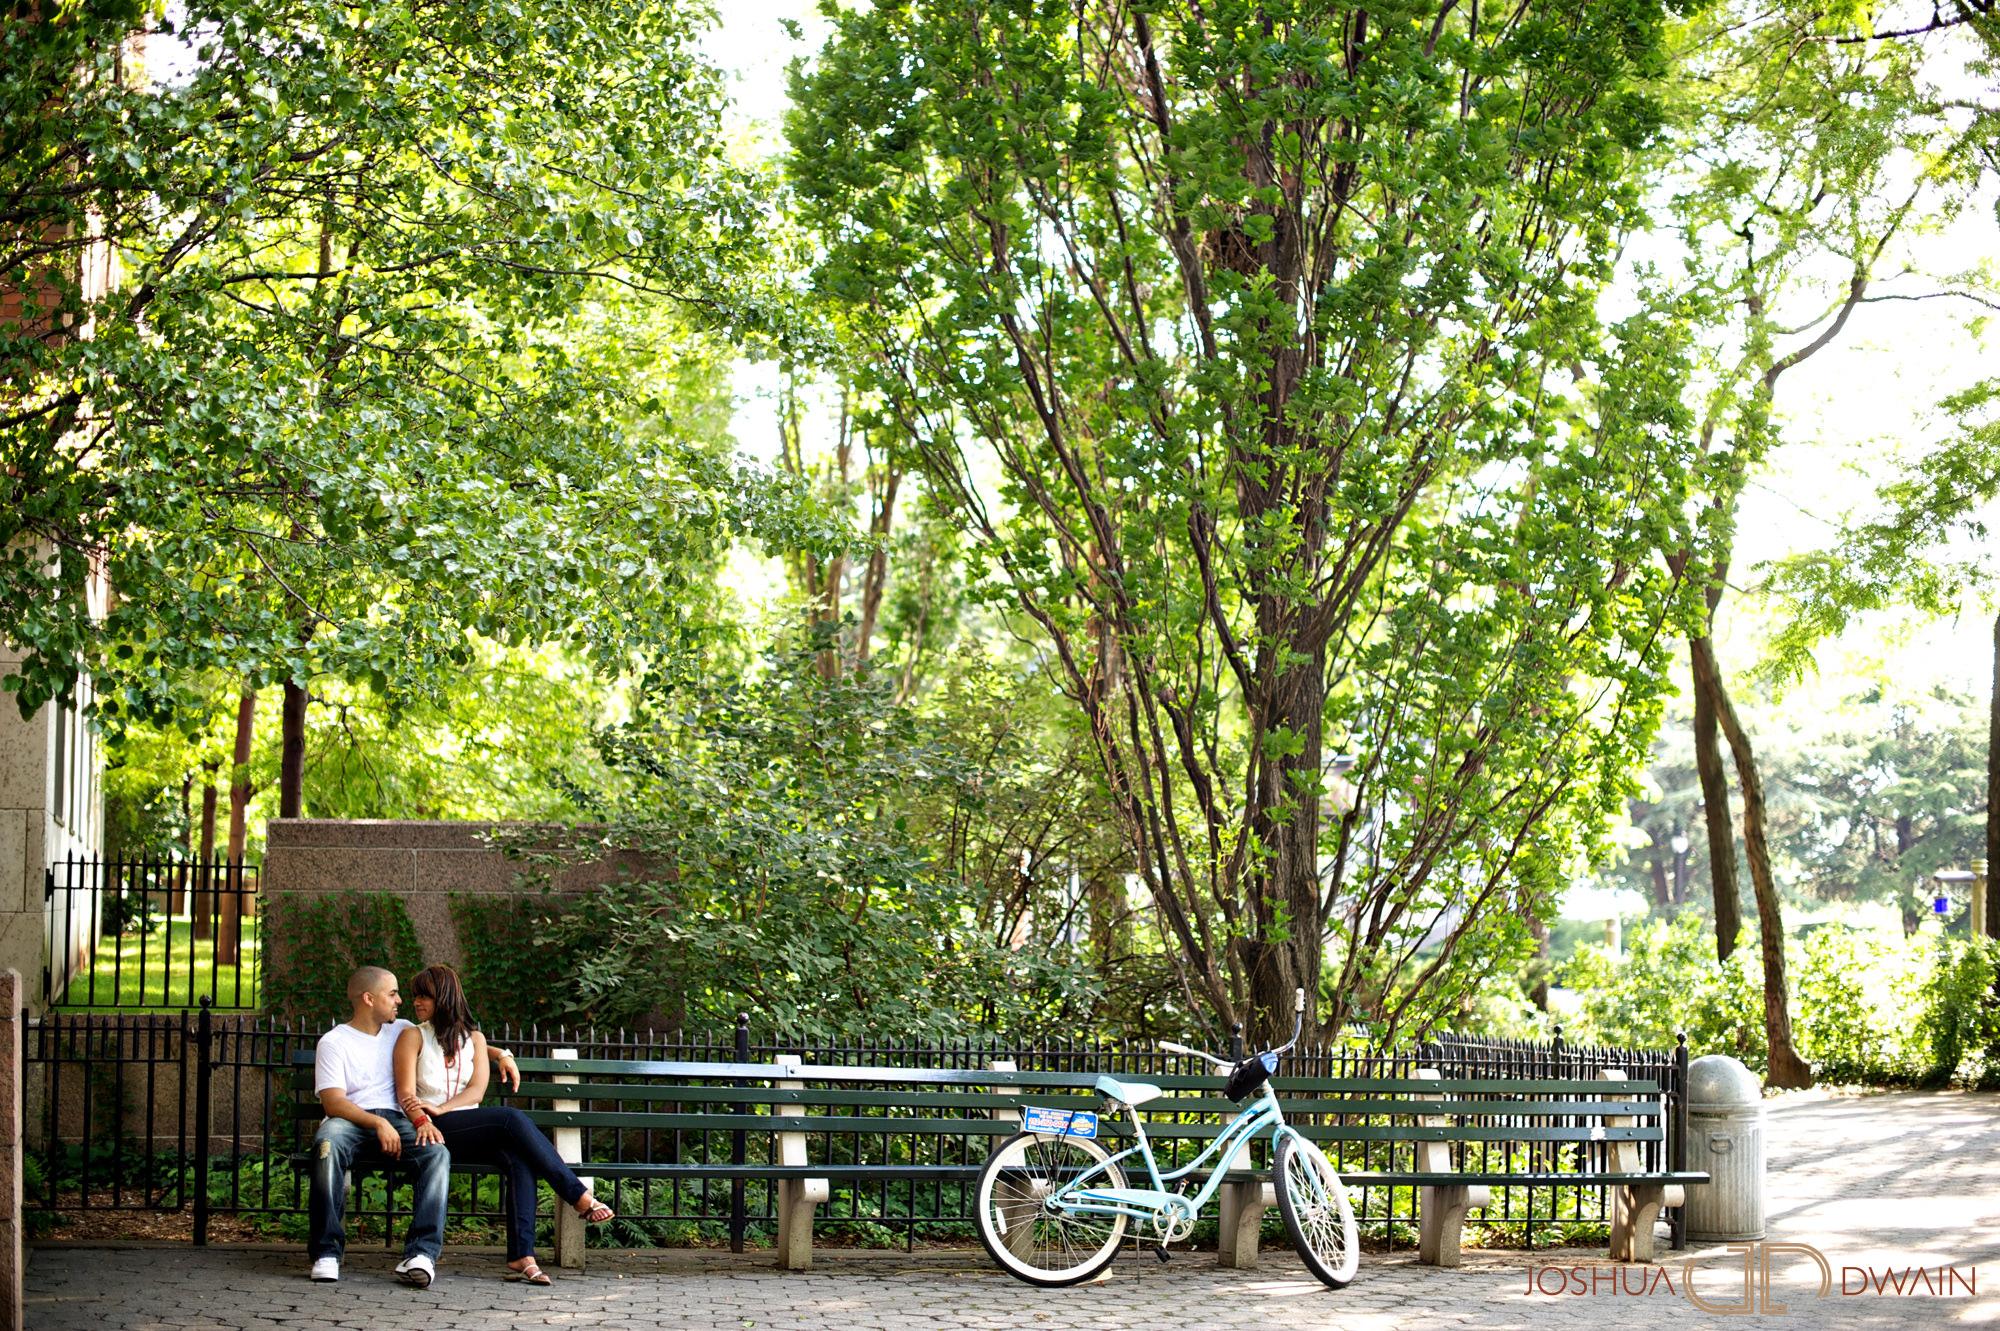 carolina-hector-011-battery-park-citynew-york-ny-engagement-photographer-joshua-dwain-20100724_ch_189